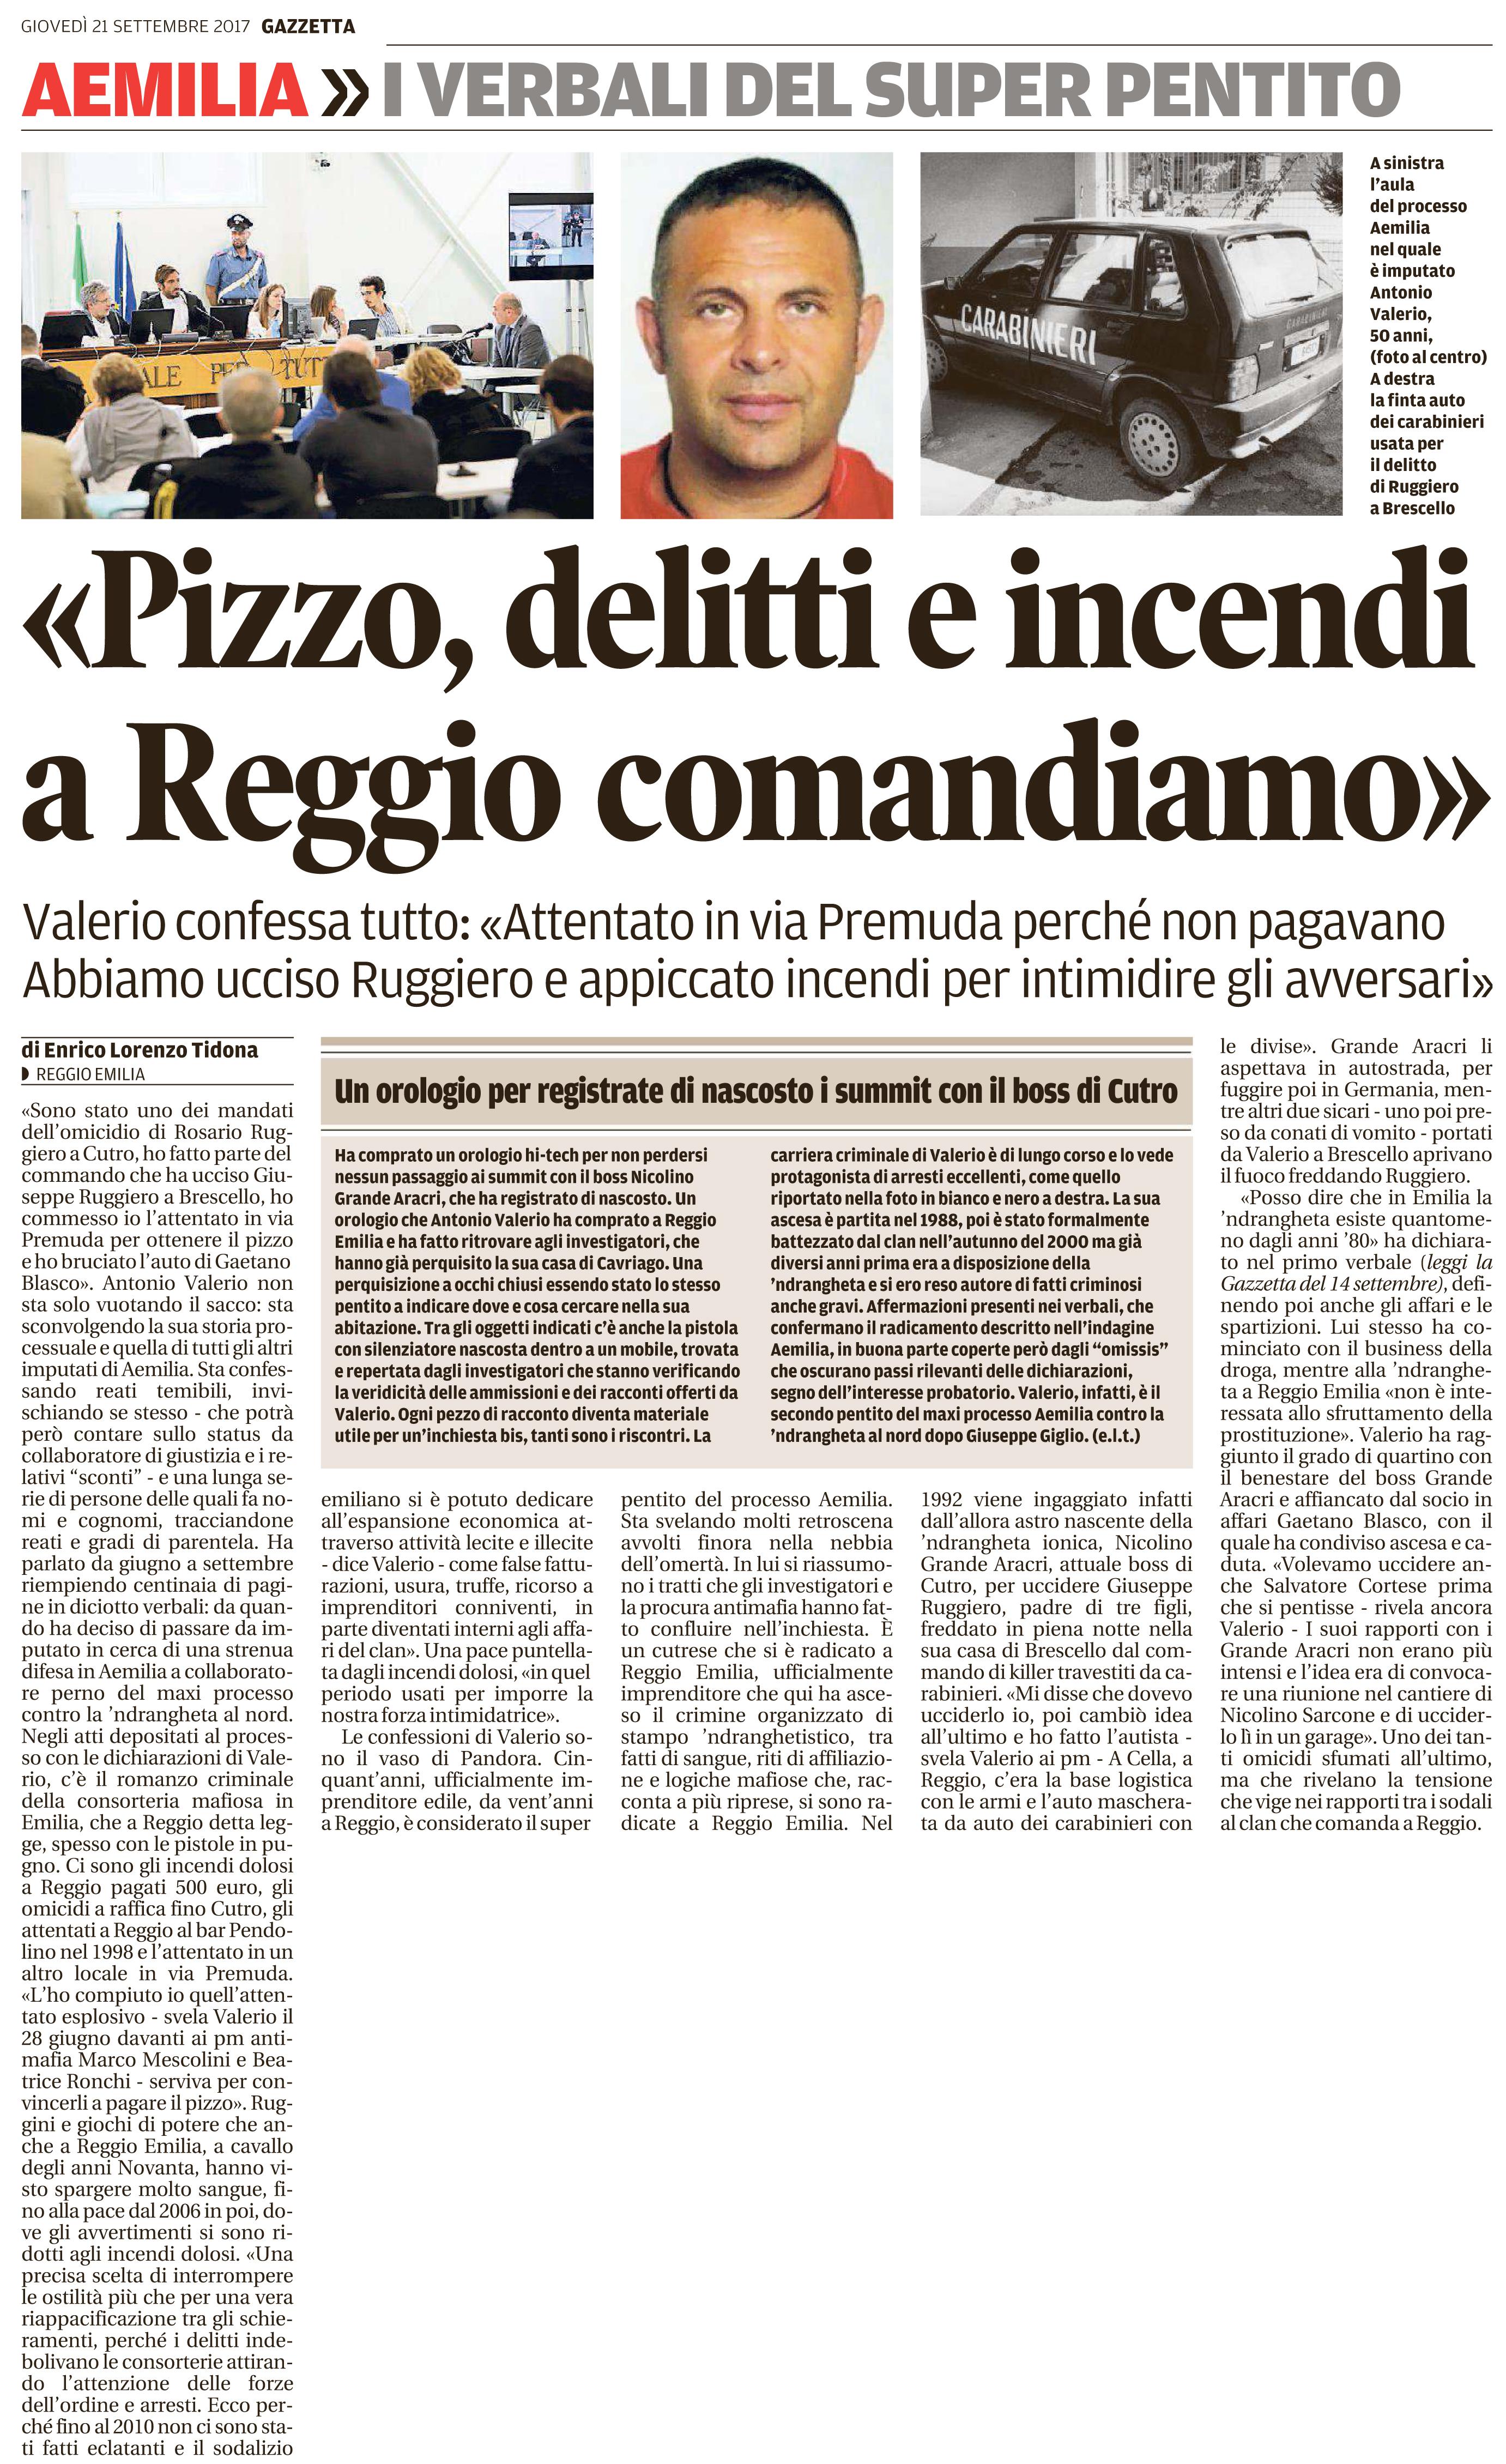 A Reggio comandiamo